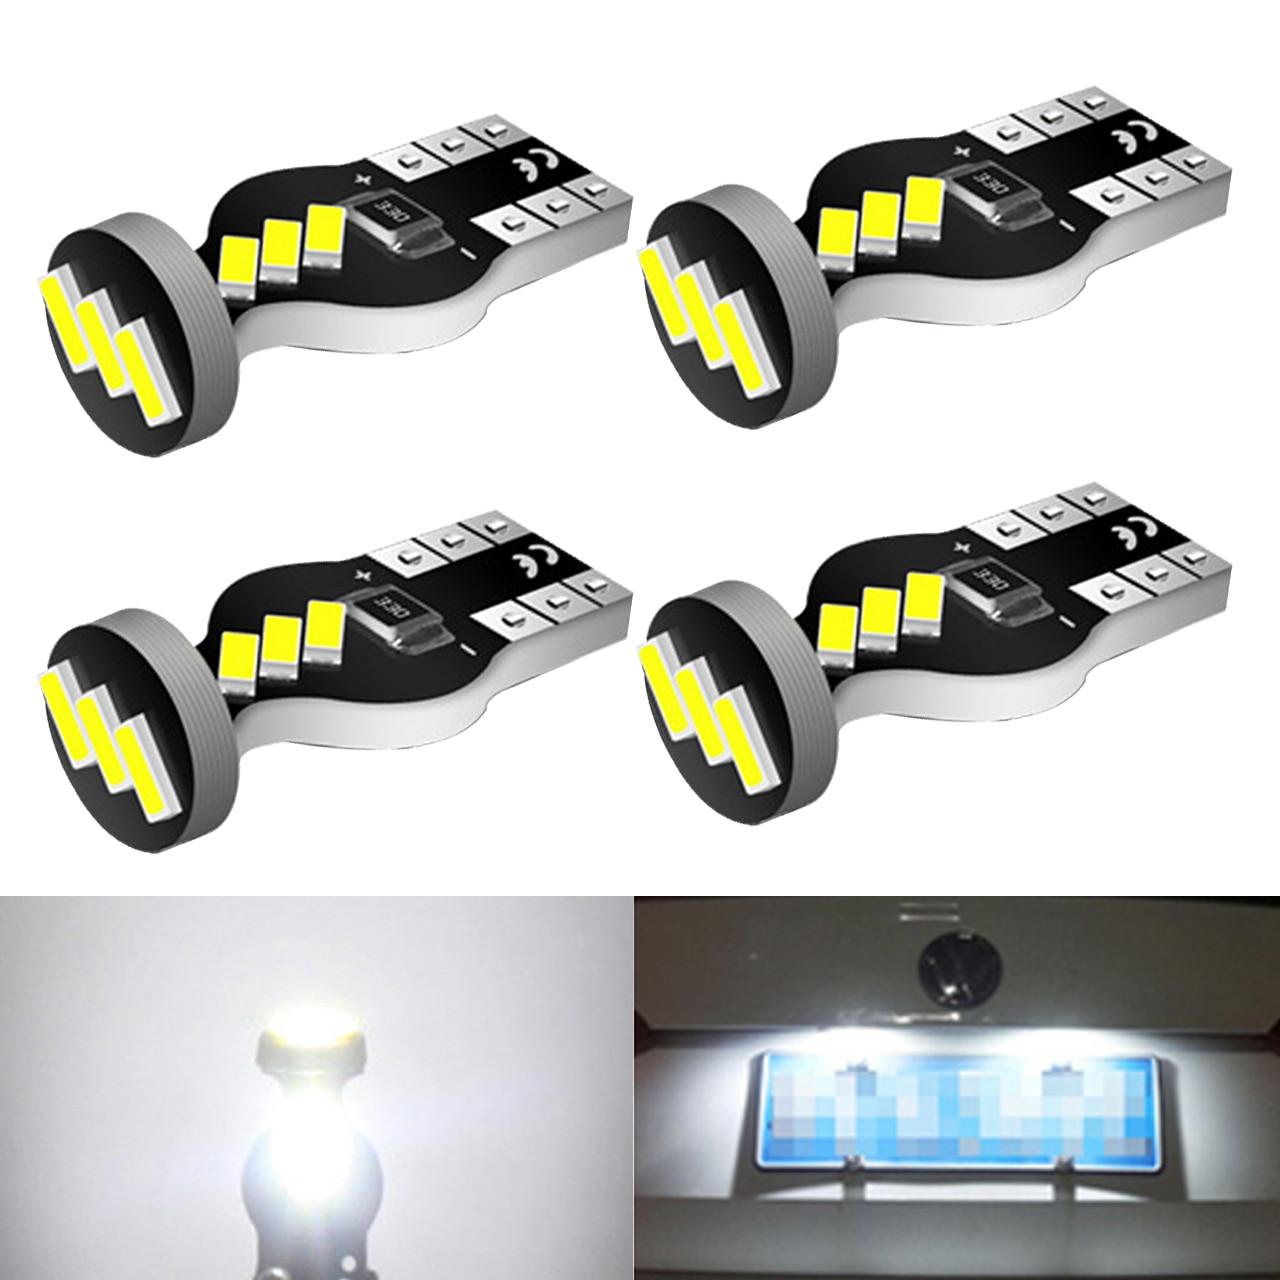 T10 W5W 168 194 LED Canbus ampoule pour Chevrolet Cruze Captiva Aveo Trax Lacetti voiture intérieur dôme lumière coffre lampe feux de stationnement